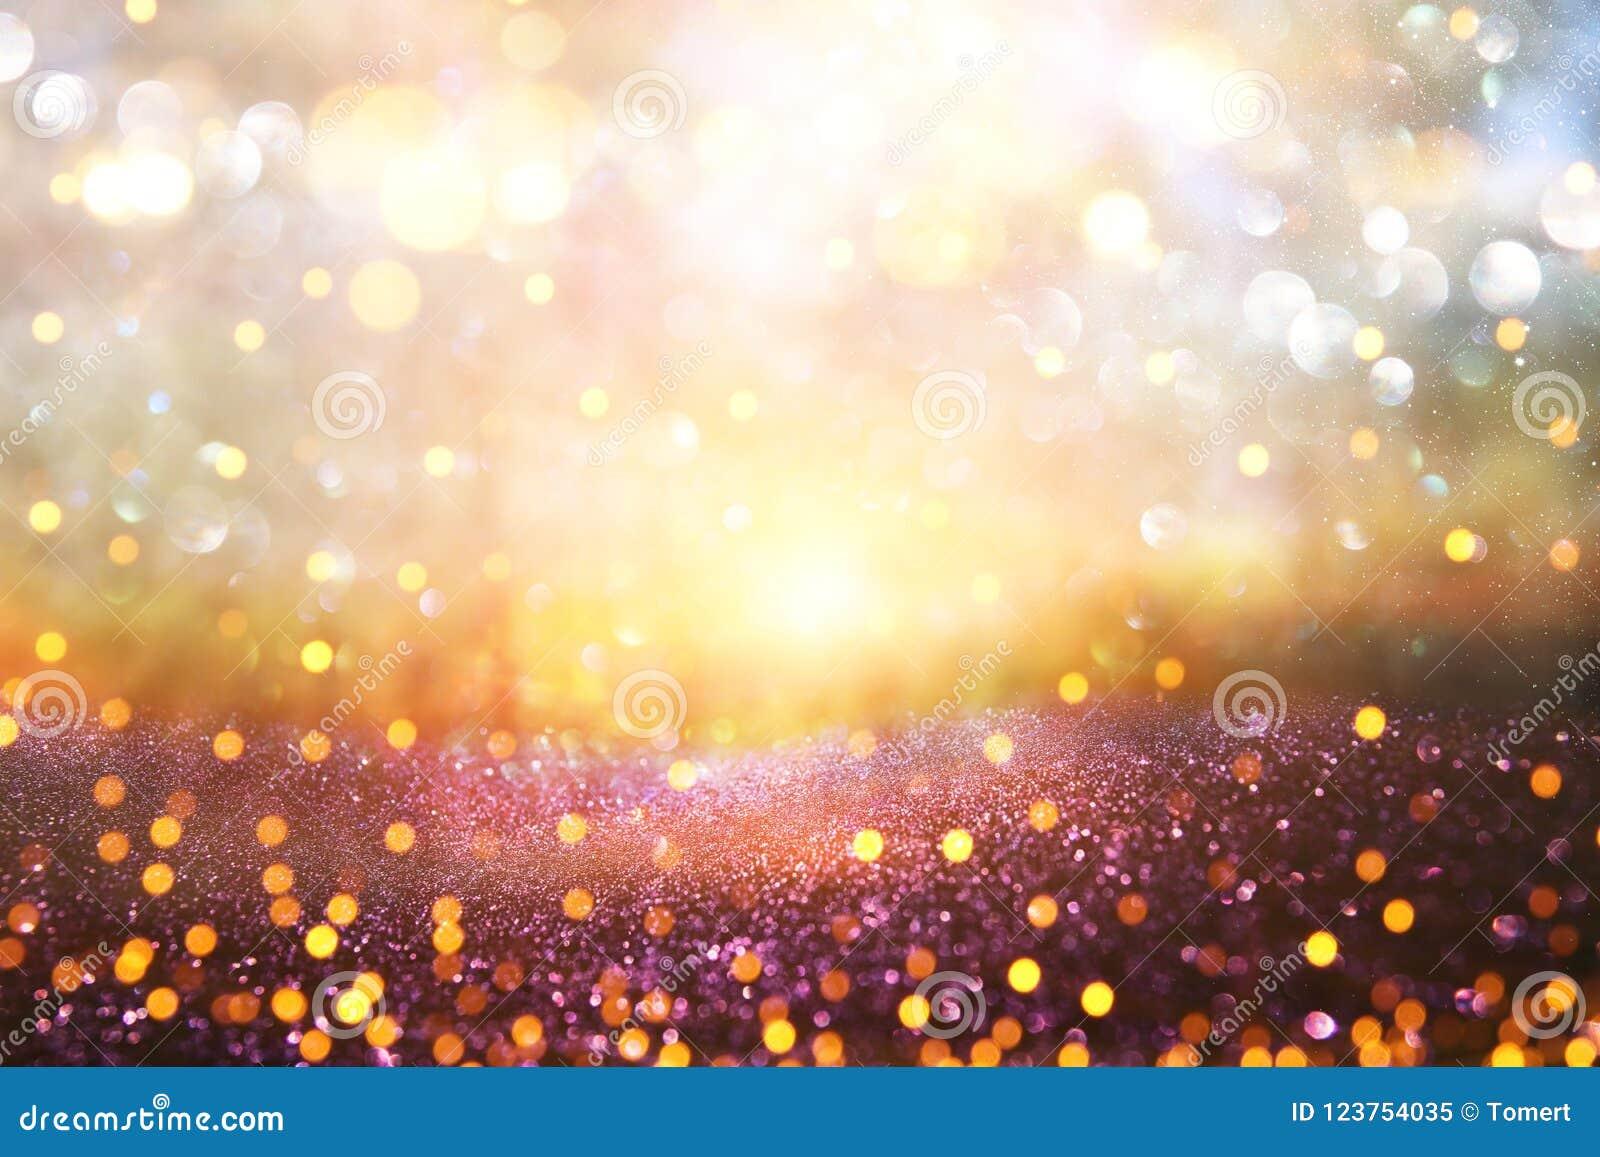 Запачканное абстрактное фото взрыва света среди деревьев и яркий блеск идут